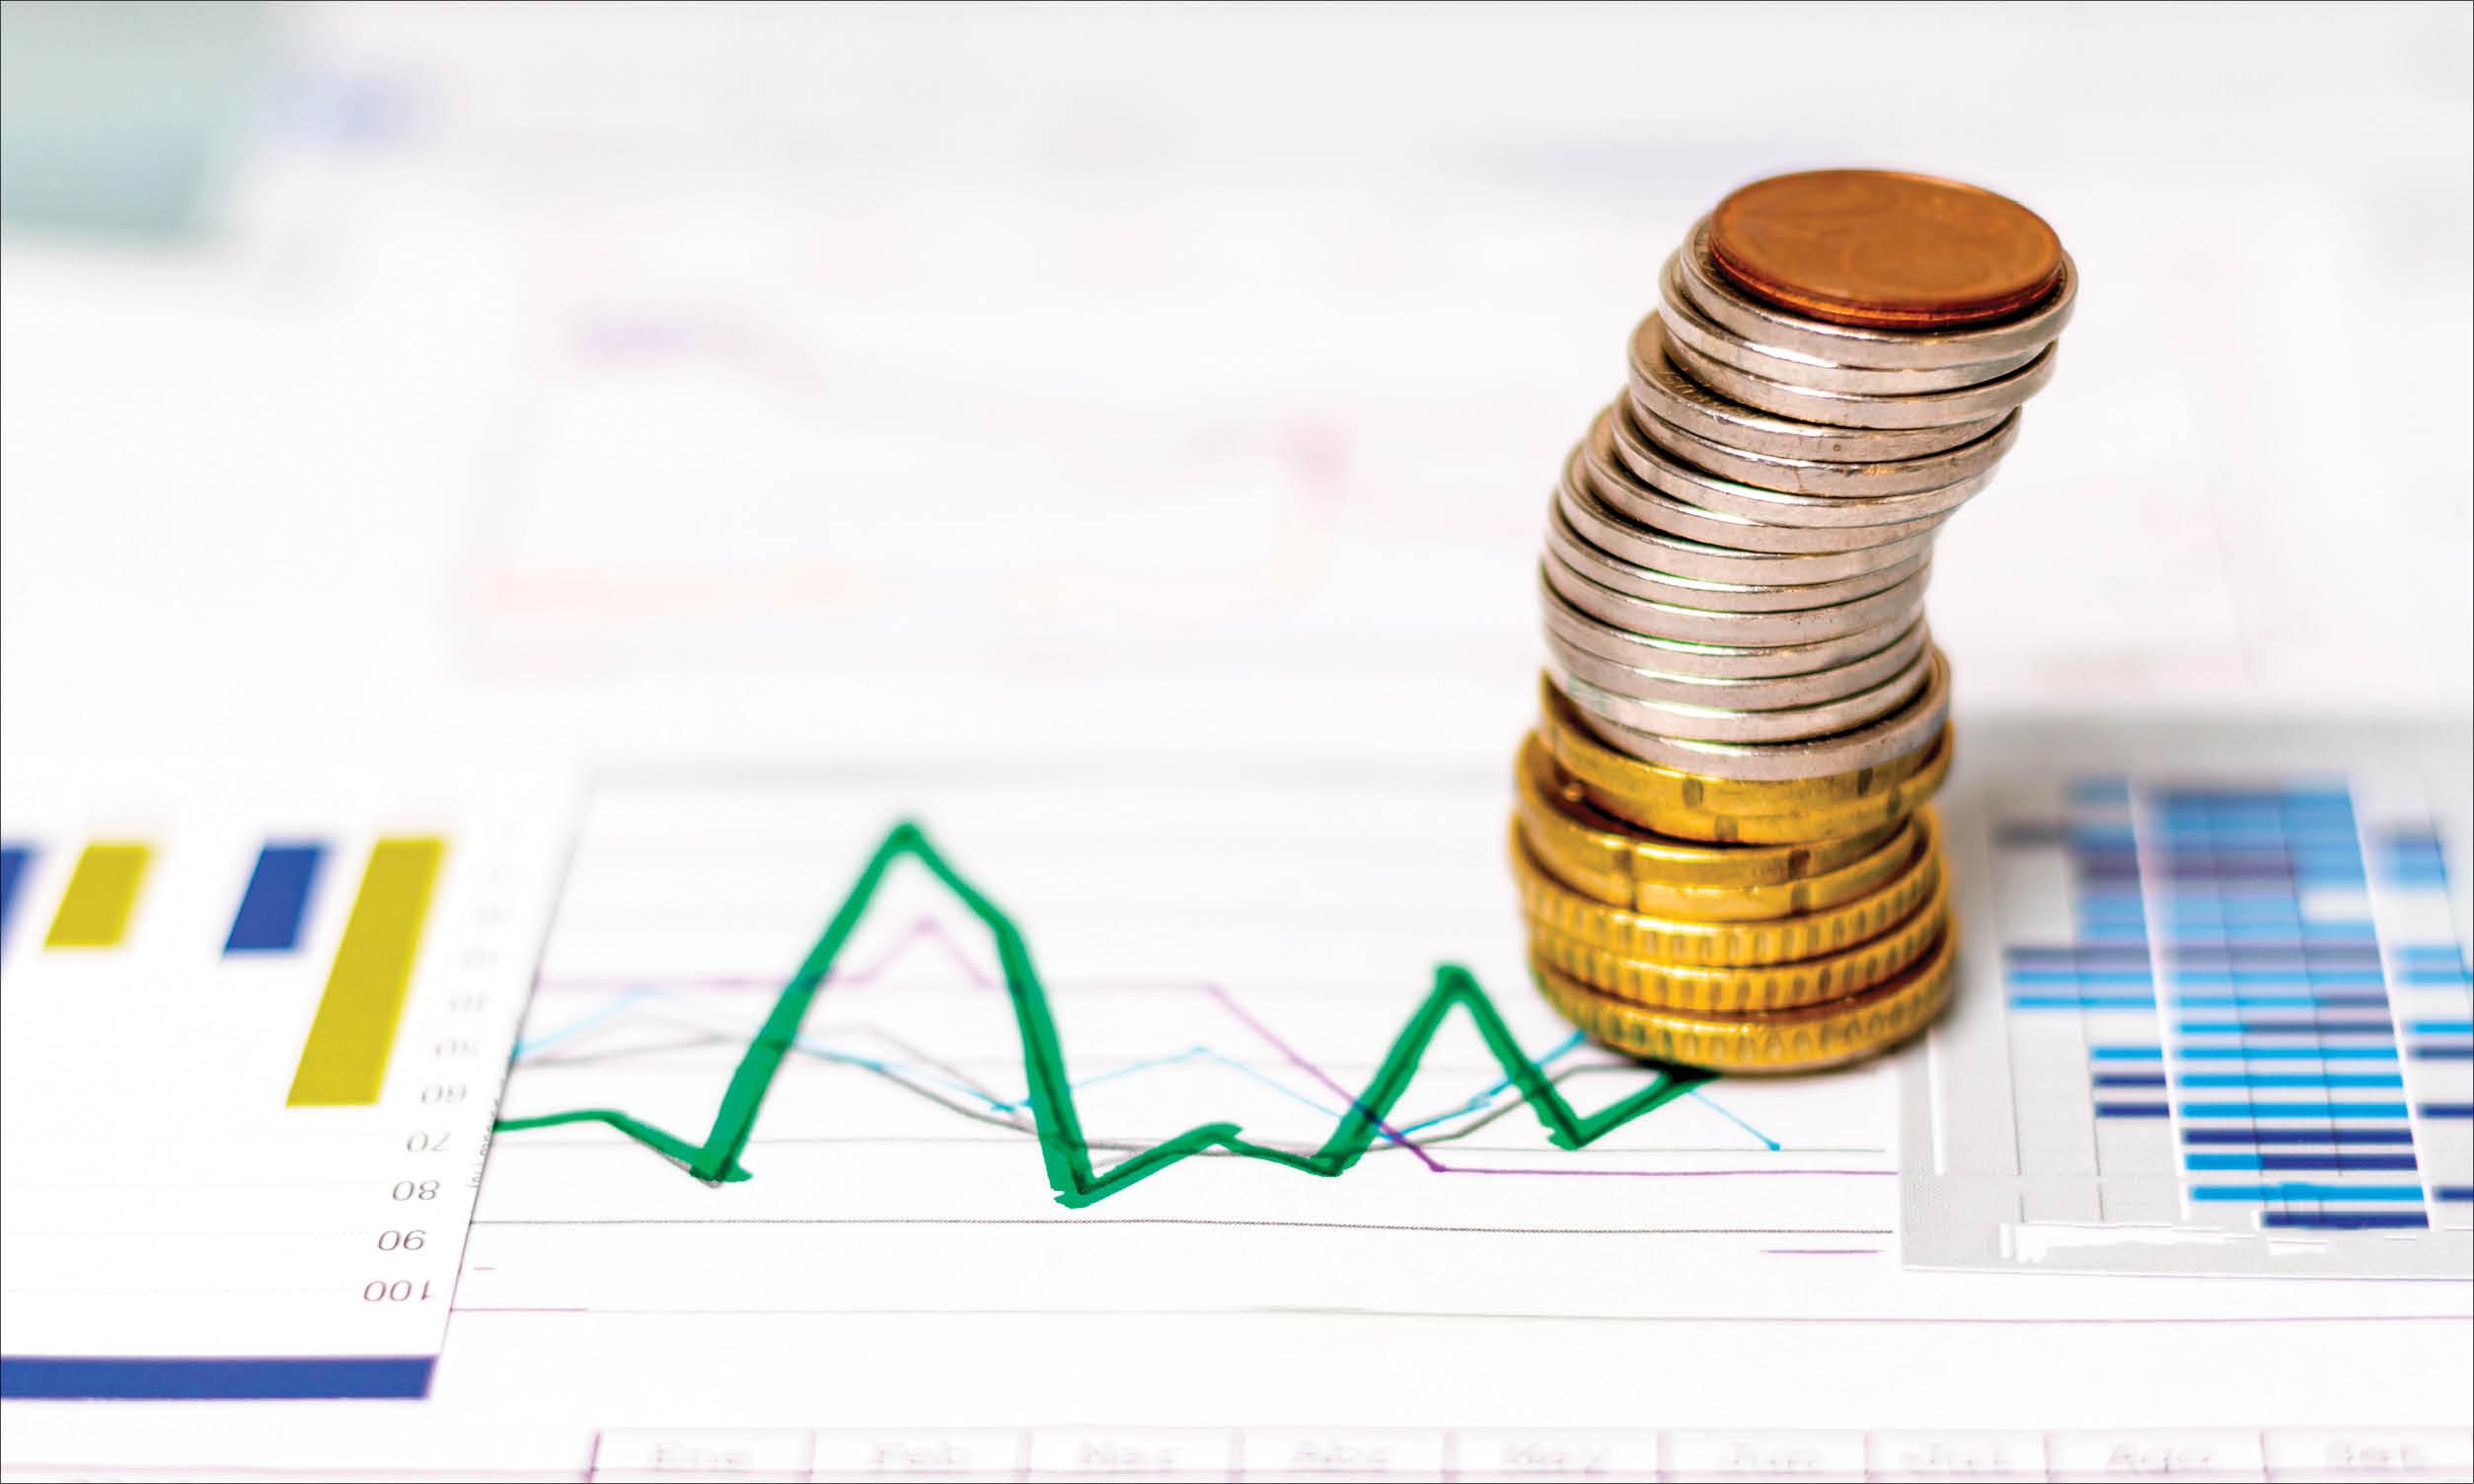 نرخ سود بانکی افزایش یافت+جزئیات